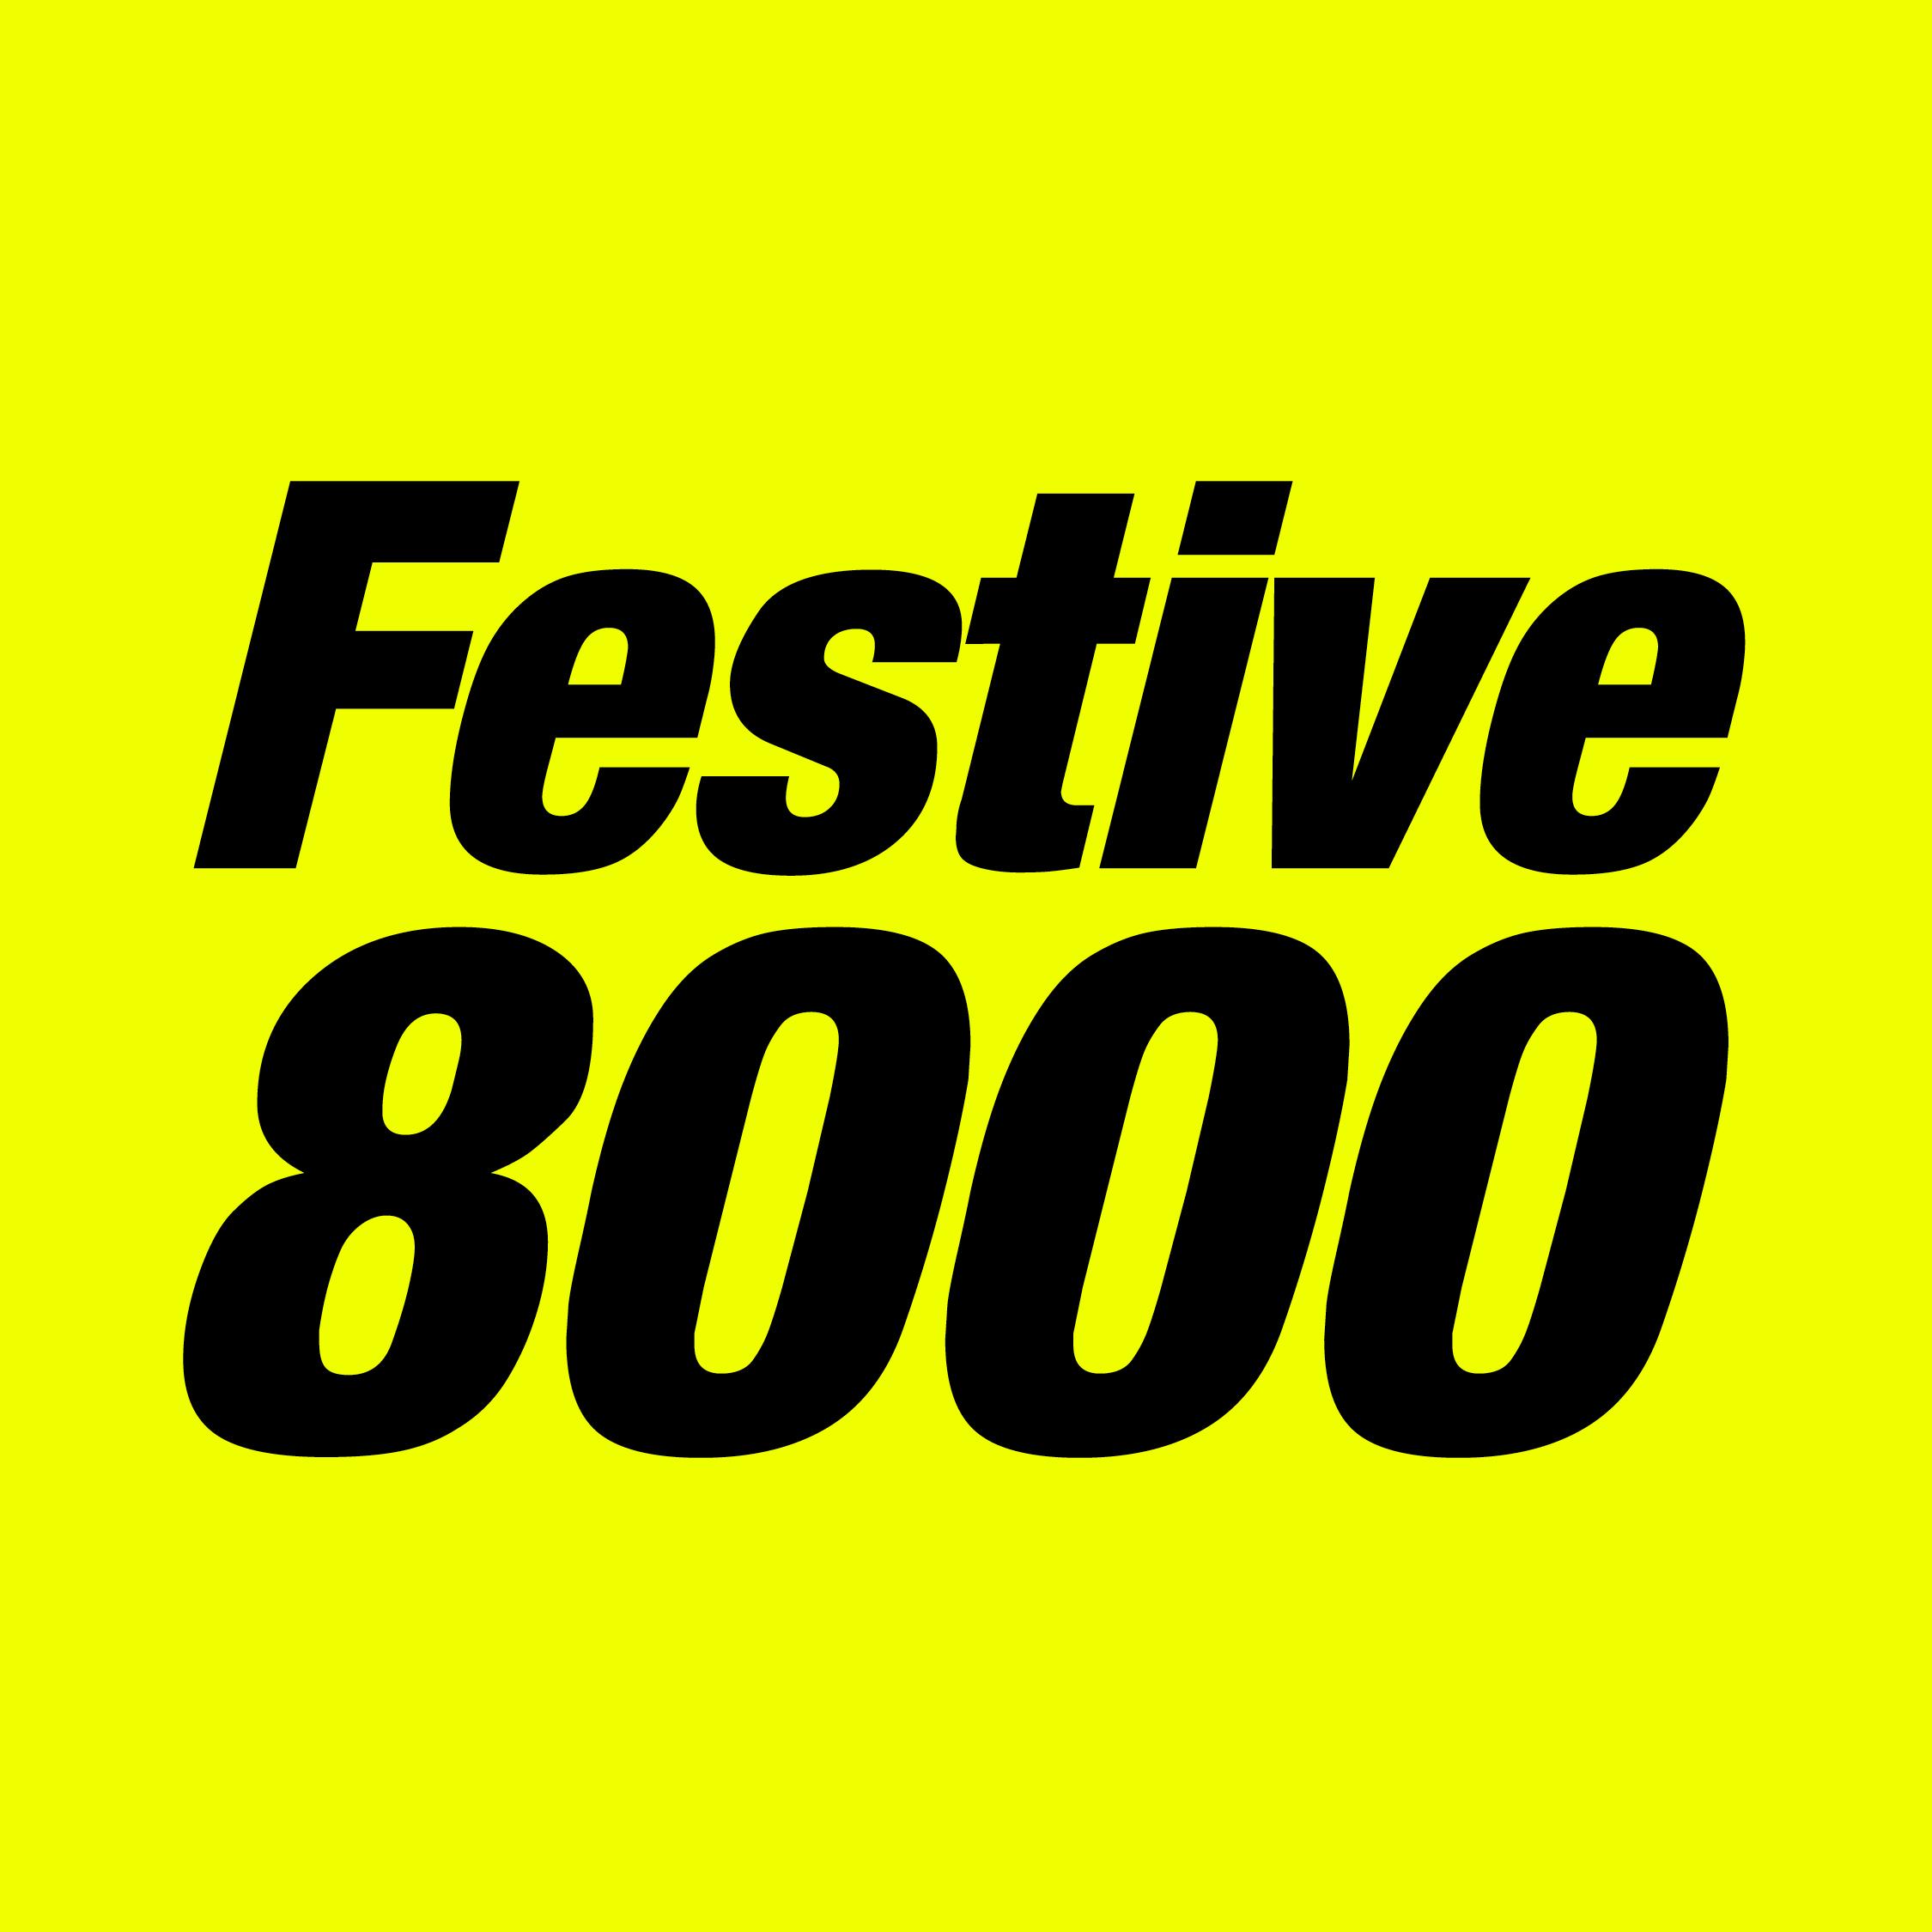 01-instgram-festive8000.jpg